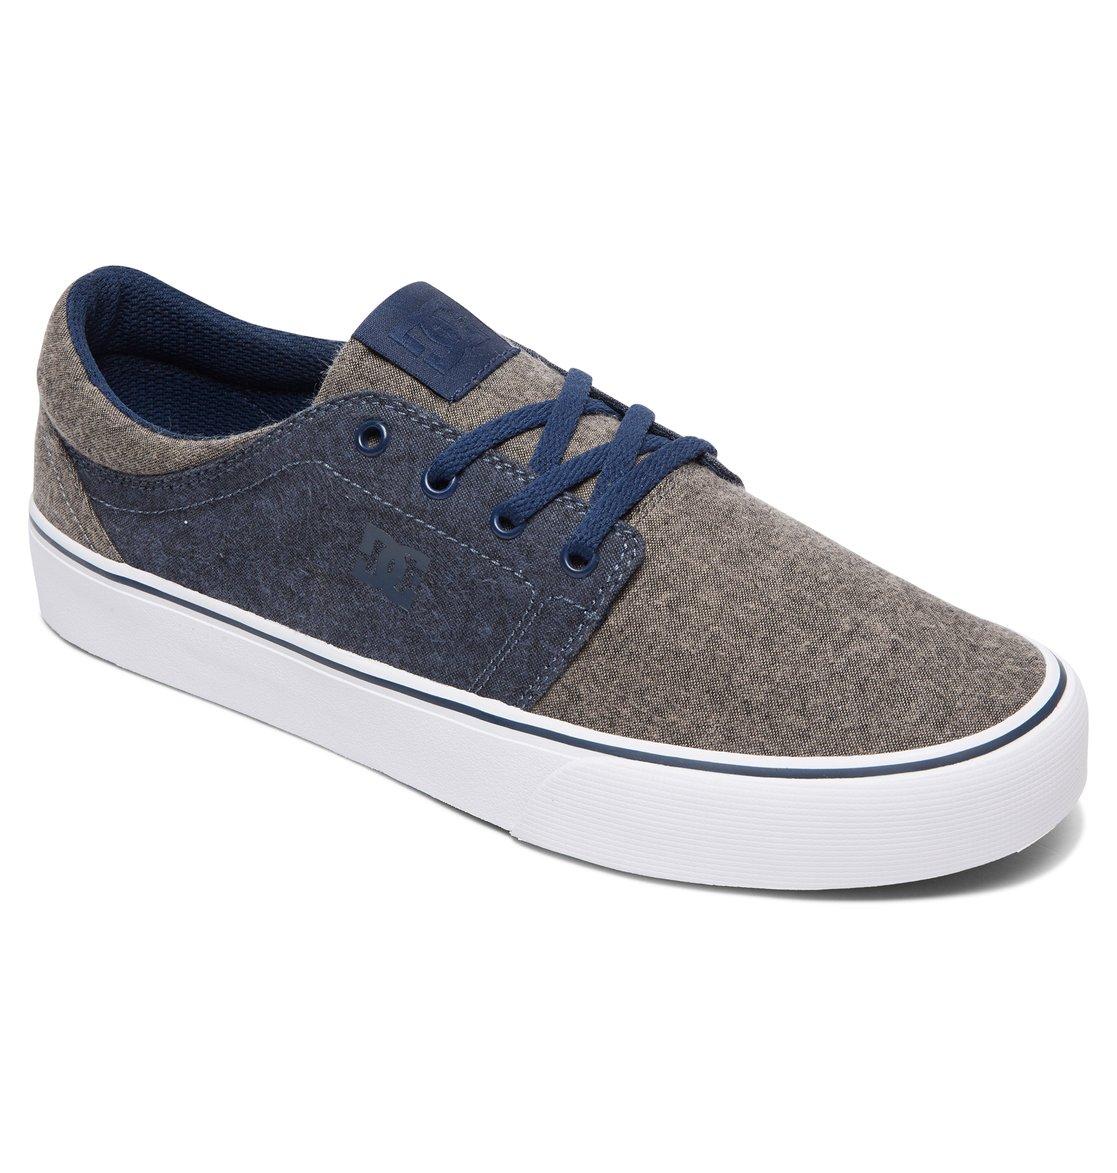 Trase Tx Se Baskets Pour Homme 3613373741233 Dc Shoes